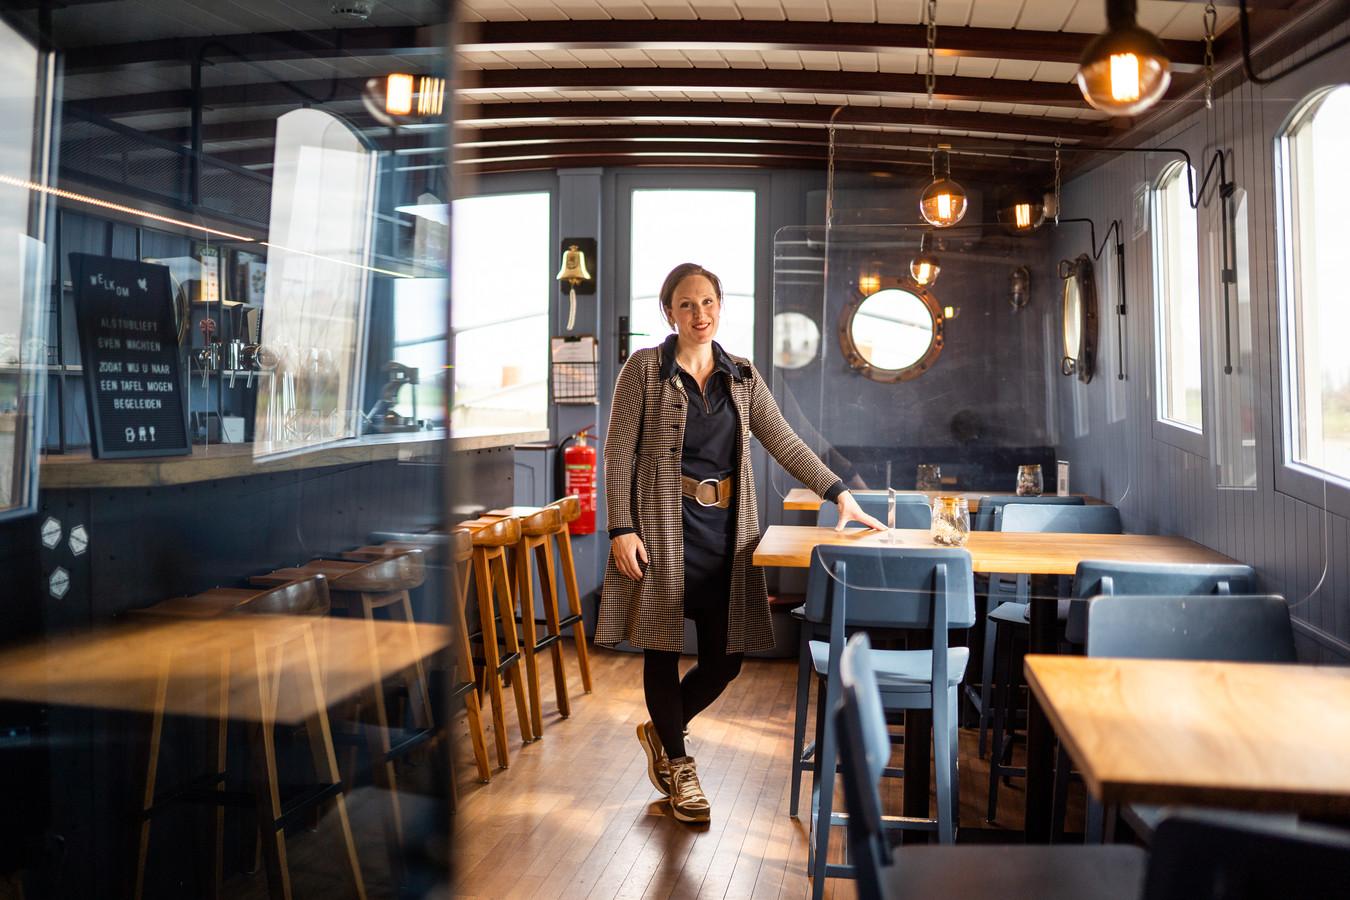 Nelke Schraven in haar restaurantschip ByWillem dat zeker tot maart blijft gesloten. Foto: Rolf Hensel.